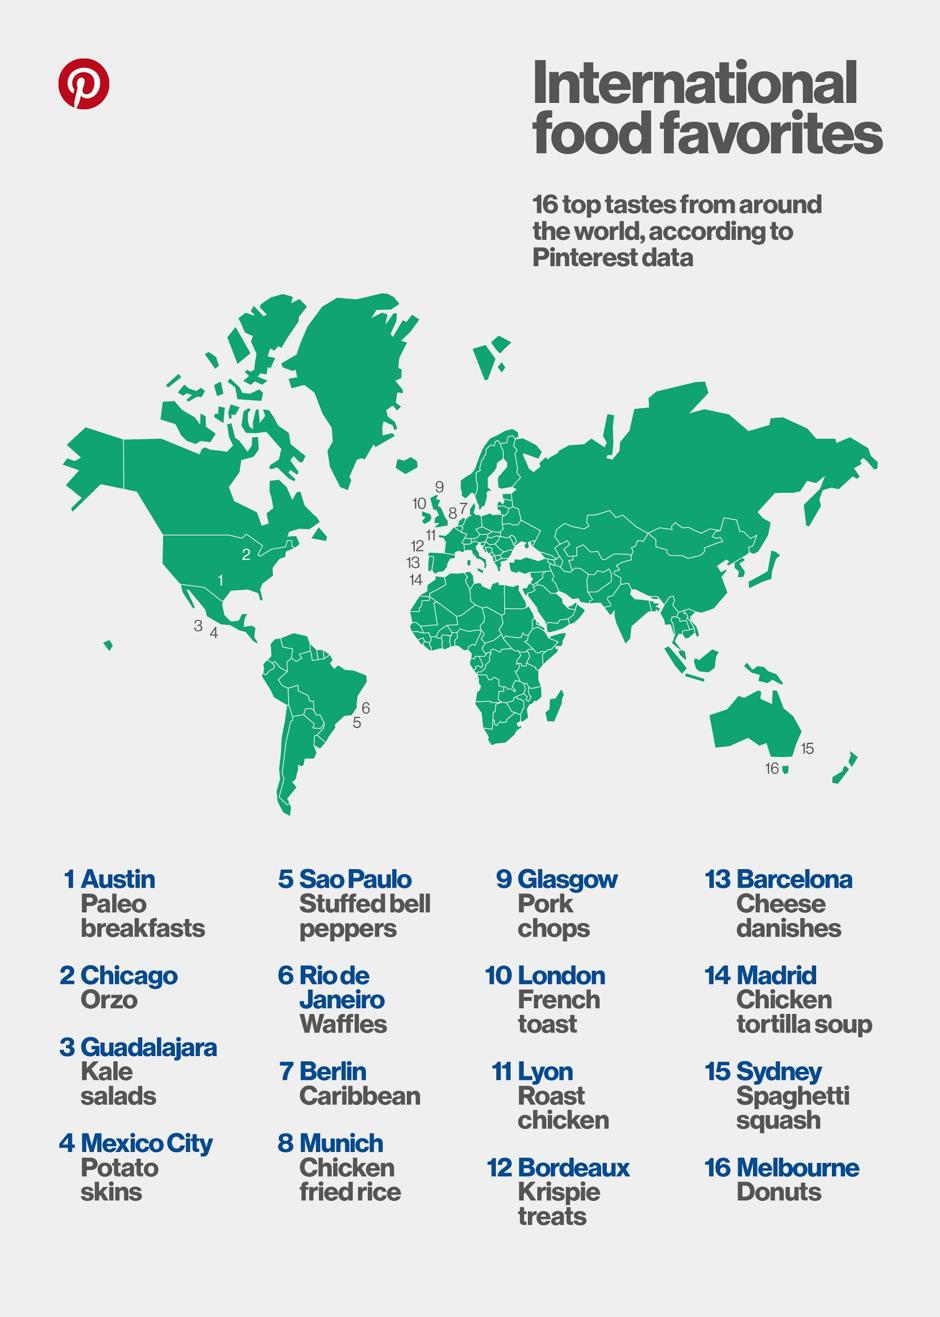 """Desconcertante situación la que se producía al leer en el gráfico, avalado por el texto """"16 top tastes from around the World, according to Pinterest Data"""", el plato favorito que se consumía en Madrid :("""